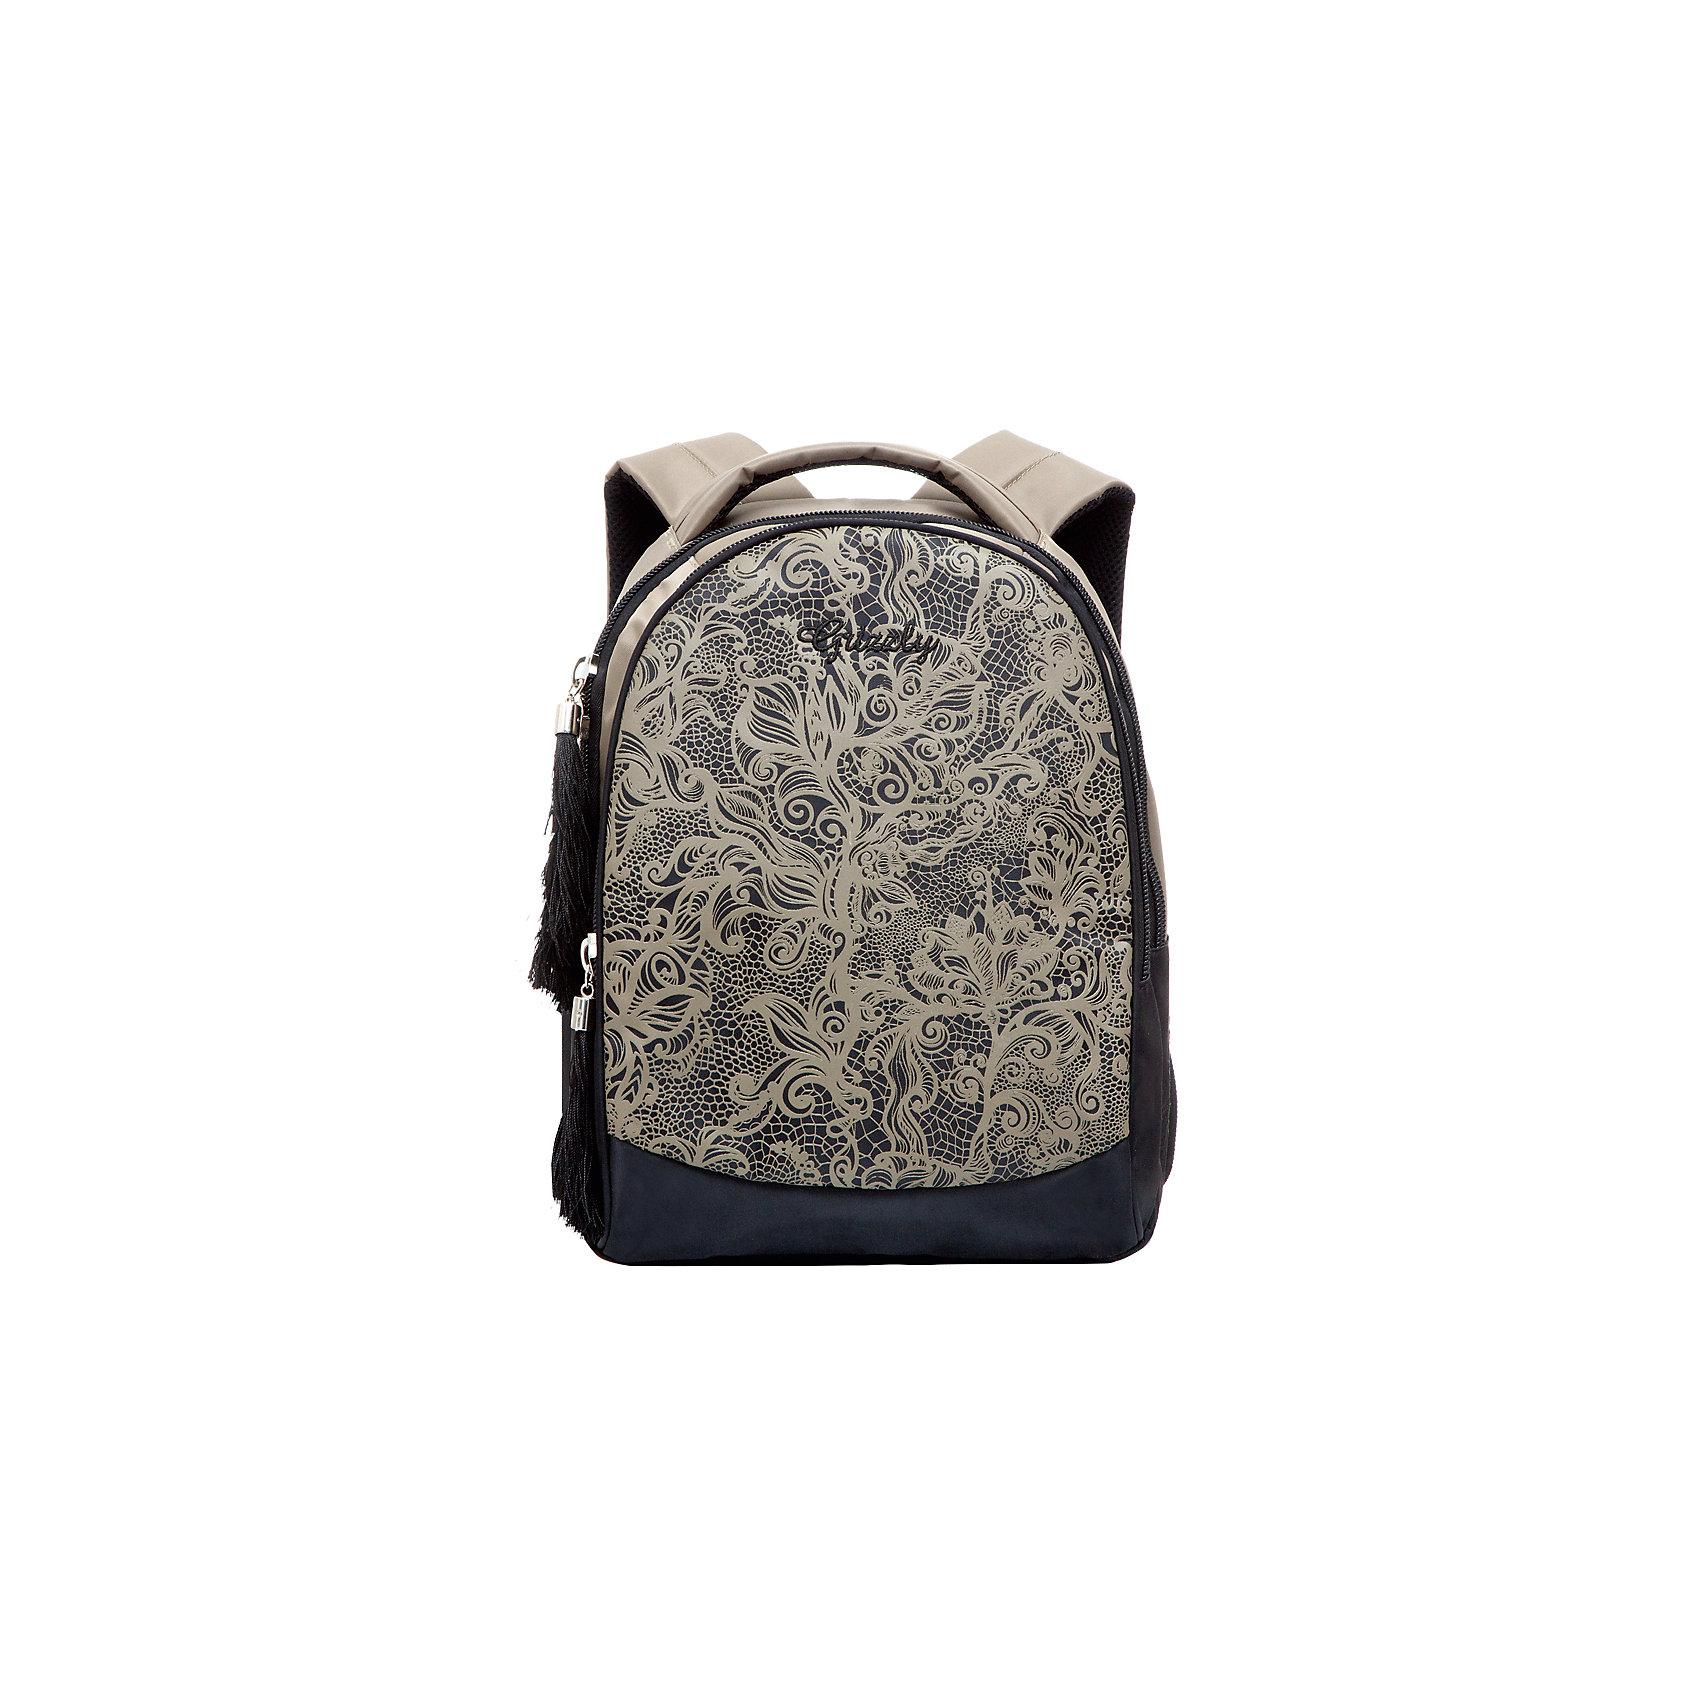 Рюкзак школьный Grizzly , бежевыйРюкзаки<br>Рюкзак, бежевый, Grizzly (Гризли) ? рюкзак отечественного бренда Гризли молодежной серии. Рюкзак выполнен из принтованного полиэстера в сочетании с нейлоном высокого качества, что обеспечивает легкий вес, но при этом надежность и прочность. Все швы выполнены капроновыми нитками, что делает швы особенно крепкими и устойчивыми к износу даже в течение нескольких лет. <br>Внутреннее устройство рюкзака состоит из двух отсеков, внутреннего кармана на молнии и составного пенала-органайзера для хранения канцелярских принадлежностей. Удобство и эргономичность рюкзака обеспечивается укрепленной спинкой и лямками, а также благодаря мягкой укрепленной ручке. Лямки регулируются под рост школьника. Уникальность рюкзаков Grizzly заключается в том, что анатомическая спинка изготовлена из специальной ткани, которая пропускает воздух, тем самым защищает спину от повышенного потоотделения. <br>Рюкзаки молодежной серии Grizzly (Гризли) ? это не только удобство и функциональность, это еще и оригинальный современный дизайн. Рюкзак, бежевый, Grizzly (Гризли) выполнен в классическом стиле: цветочный узор нежно-бежжевого цвета на черном фоне. <br>Рюкзак, бежевый, Grizzly (Гризли) ? это качество материалов, удобство и долговечность использования. <br><br>Дополнительная информация:<br><br>- Вес: 667 г<br>- Габариты (Д*Г*В): 27*17*35 см<br>- Цвет: черный, бежевый<br>- Материал: полиэстер, нейлон <br>- Сезон: круглый год<br>- Коллекция: молодежная <br>- Год коллекции: 2016 <br>- Пол: женский<br>- Предназначение: для школы, для занятий спортом<br>- Особенности ухода: можно чистить влажной щеткой или губкой, допускается ручная стирка<br><br>Подробнее:<br><br>• Для школьников в возрасте: от 8 лет и до 12 лет<br>• Страна производитель: Россия<br>• Торговый бренд: Grizzly<br><br>Рюкзак, бежевый, Grizzly (Гризли) можно купить в нашем интернет-магазине.<br><br>Ширина мм: 270<br>Глубина мм: 170<br>Высота мм: 350<br>Вес г: 667<br>Возраст от месяцев: 72<br>Возр